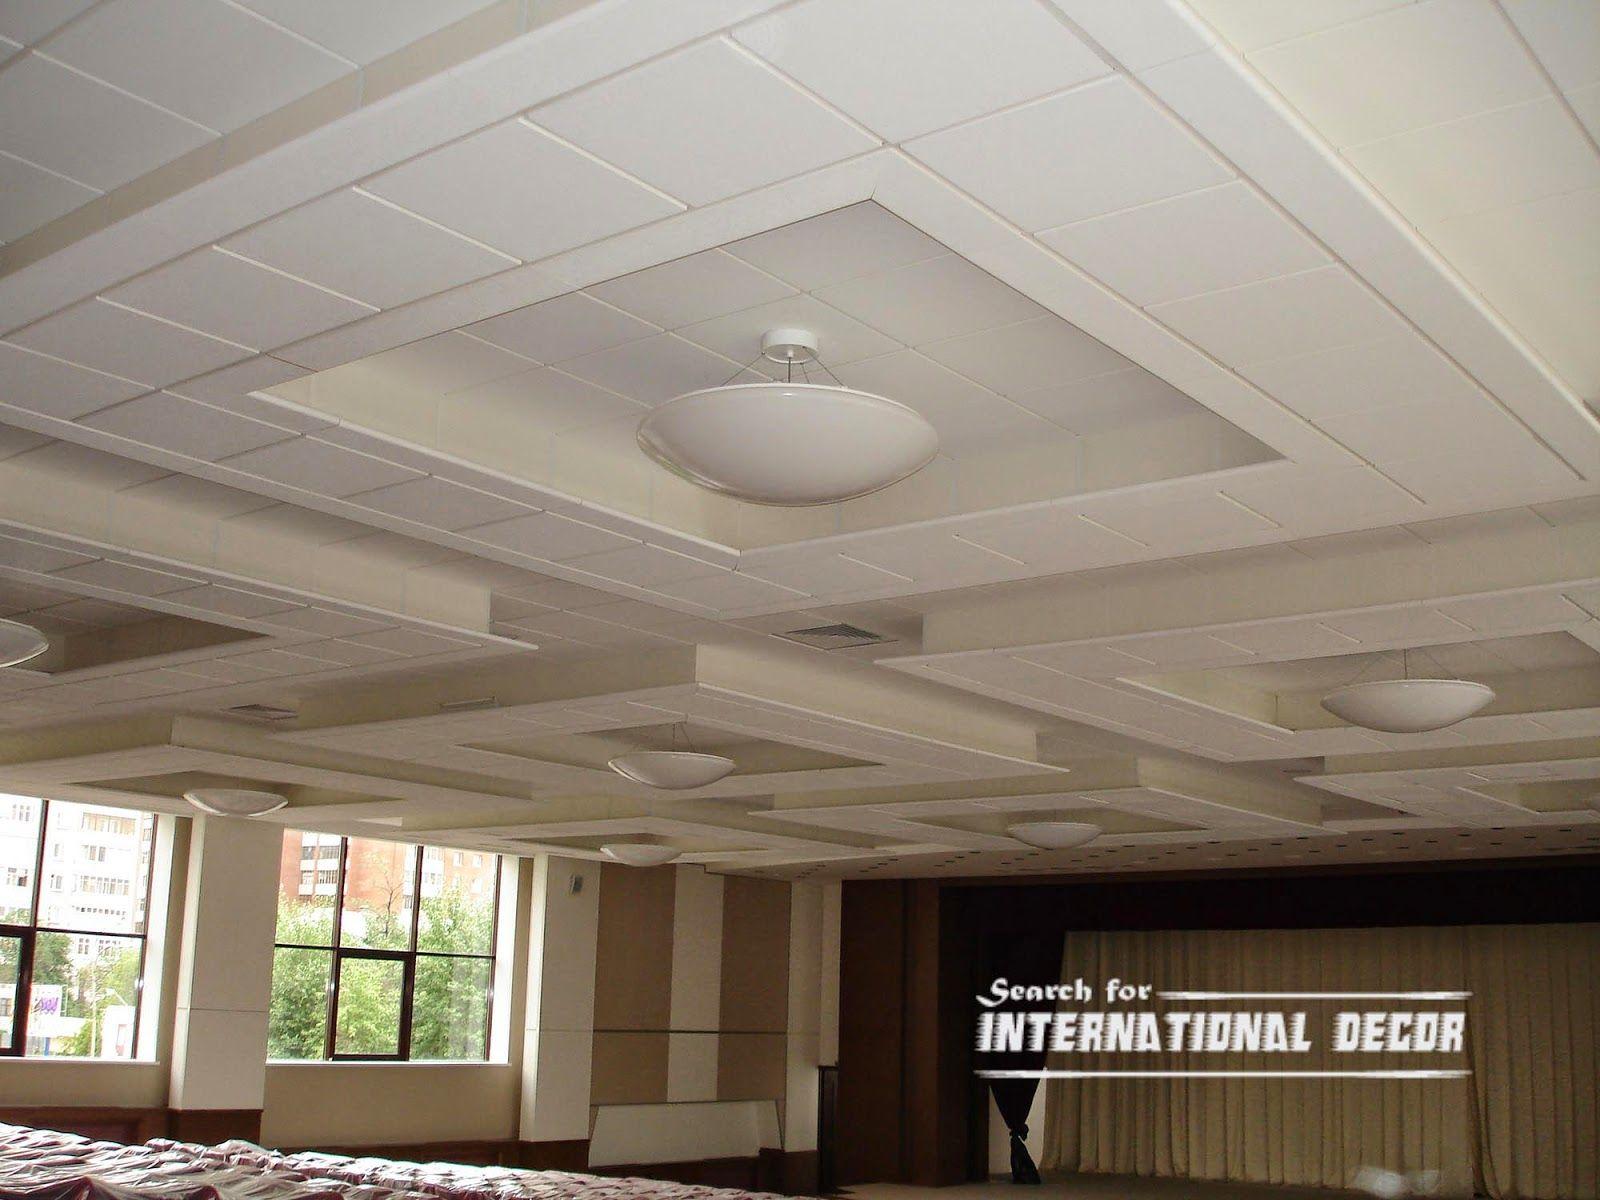 Top Ceiling Tiles Tile Design Ideas